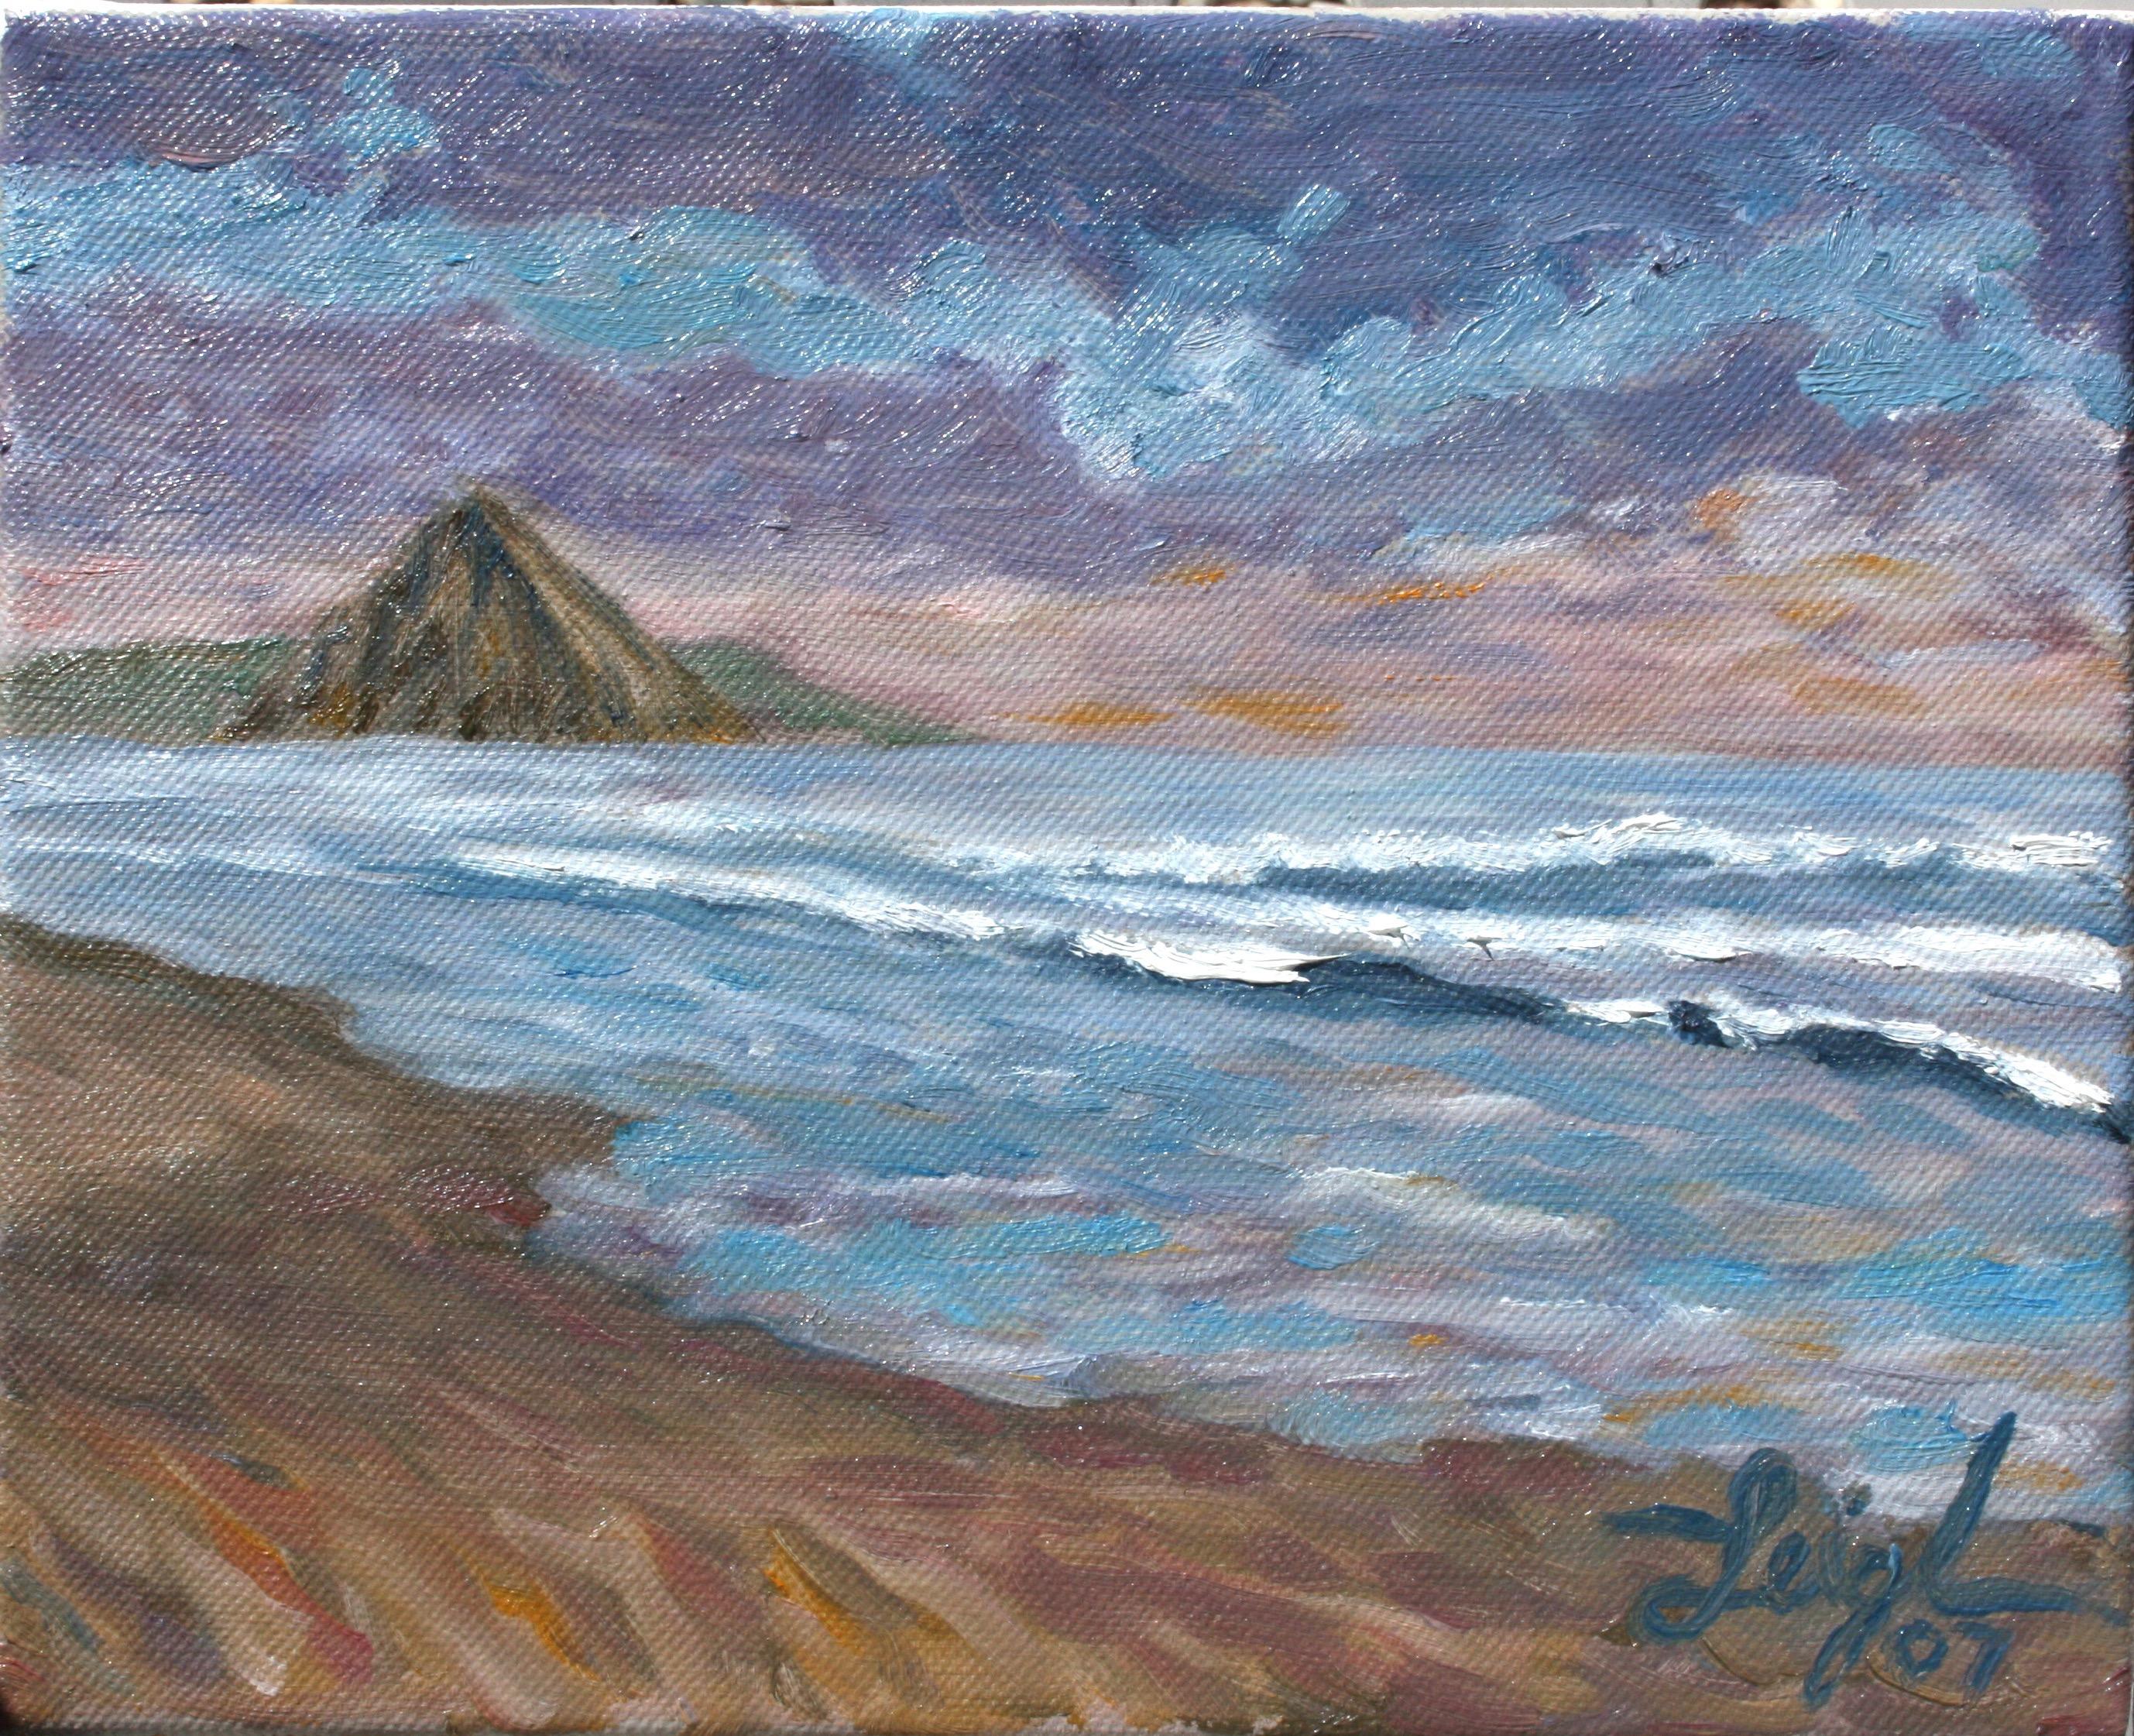 Sunset sketch  ~   Kathy Loh, Santa Cruz, CA 2007  •  10 x 8